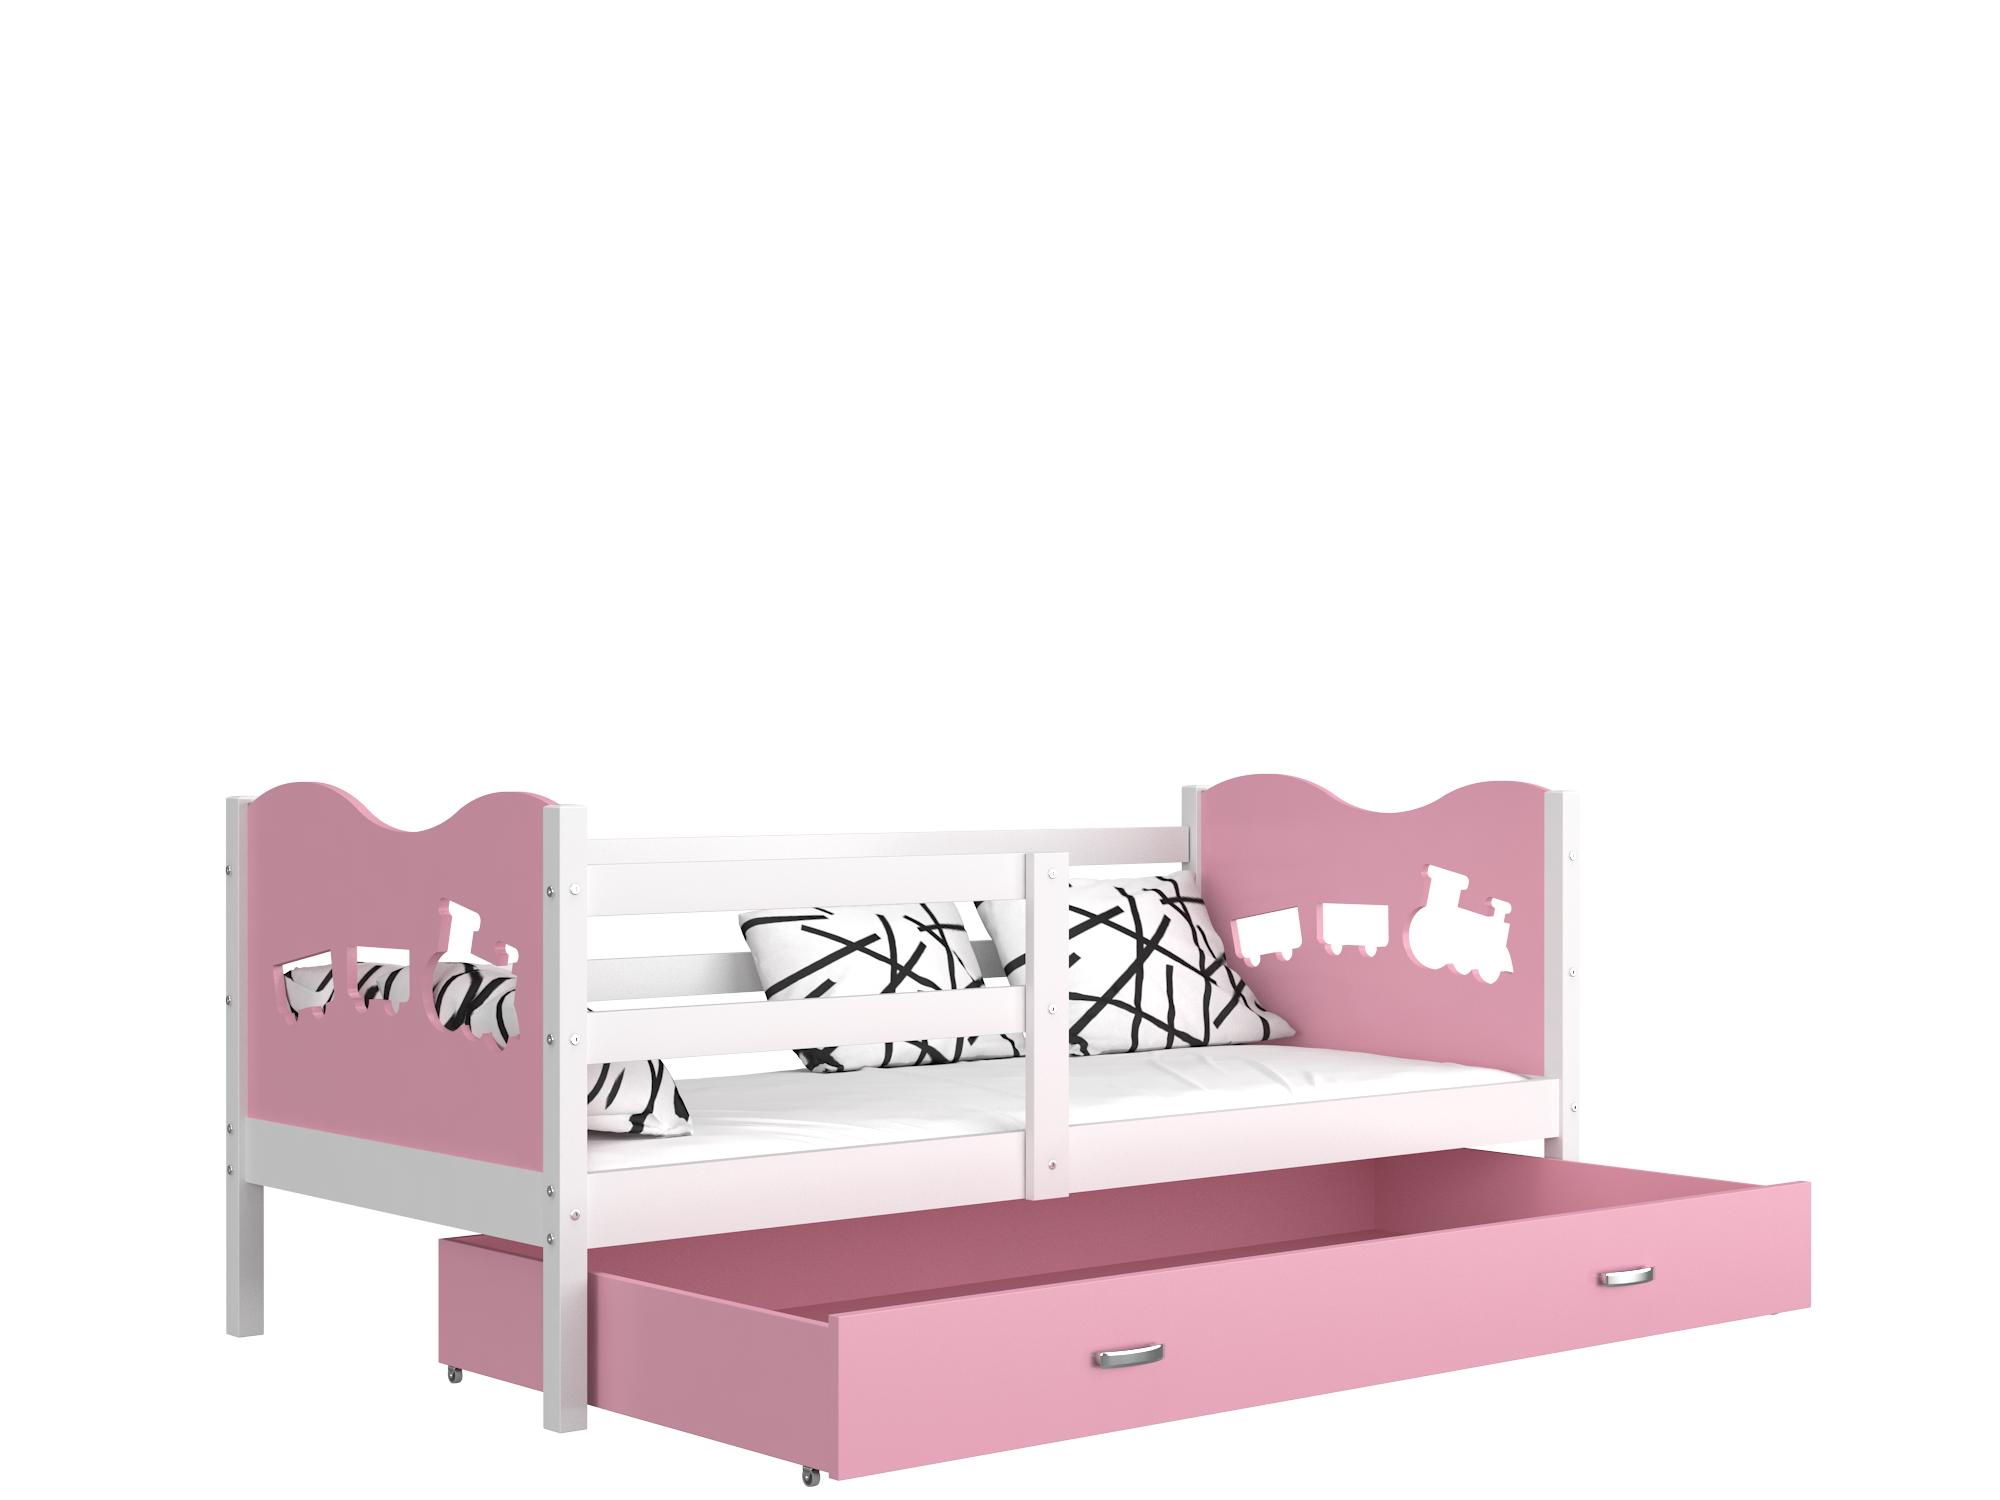 ArtAJ Detská posteľ Max P / MDF 190 x 80 cm Farba: biela / ružová 190 x 80 cm, Prevedenie: s matracom